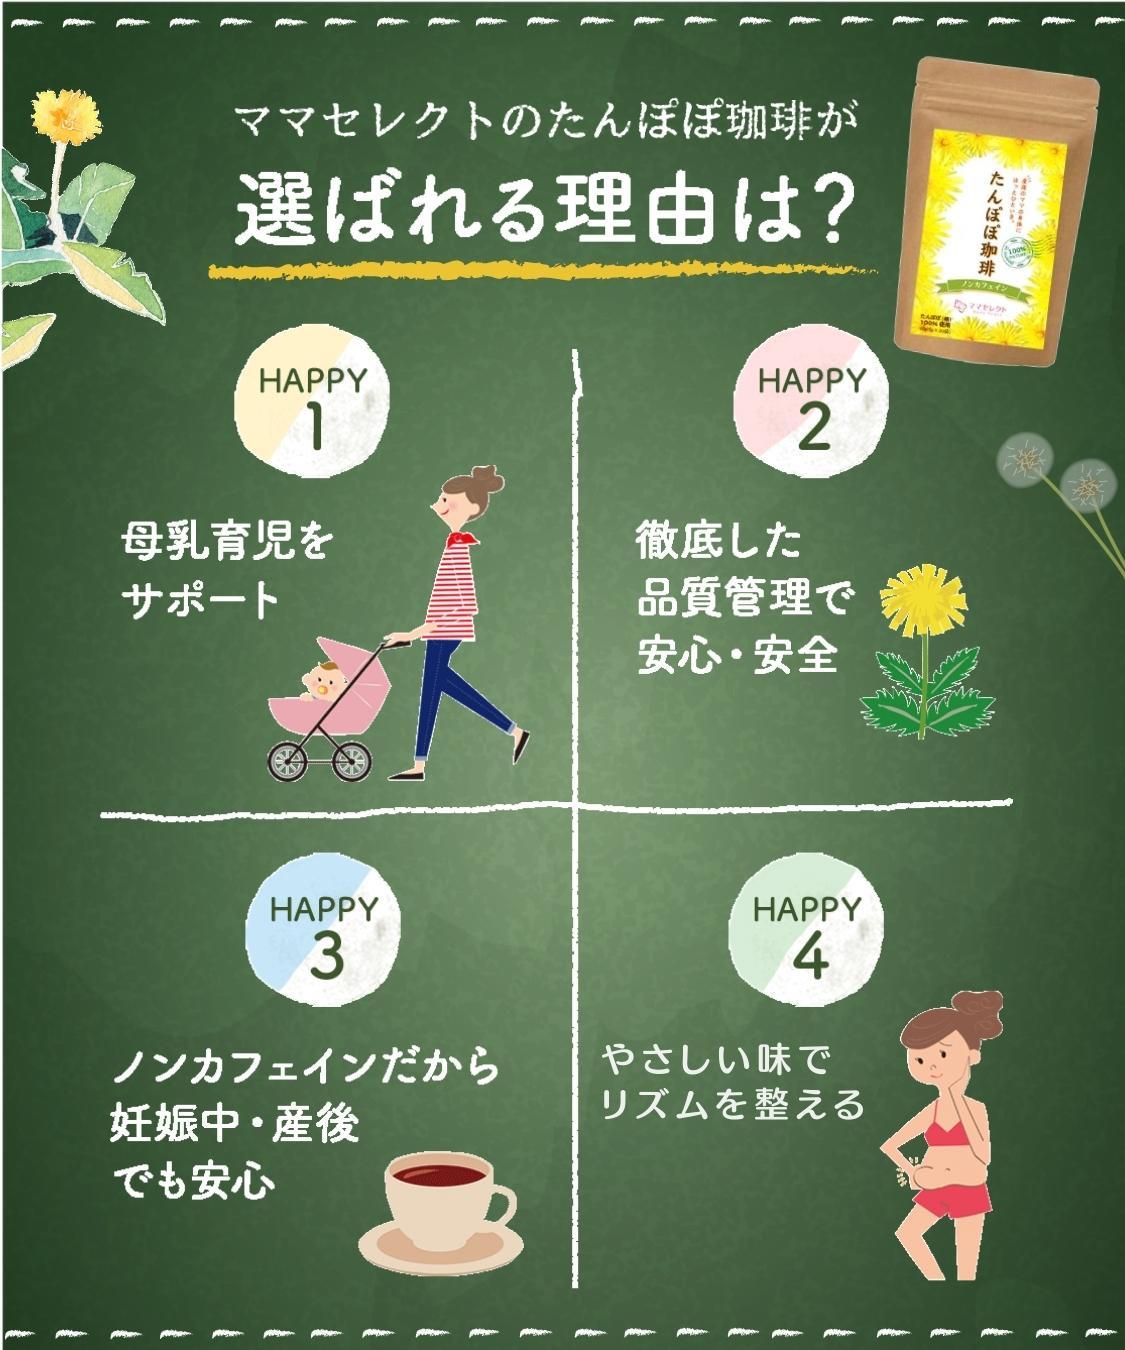 母乳の出が悪くなったママにおすすめです ノンカフェインだから気にせず飲めます 安くて飲みやすいのでおすすめ